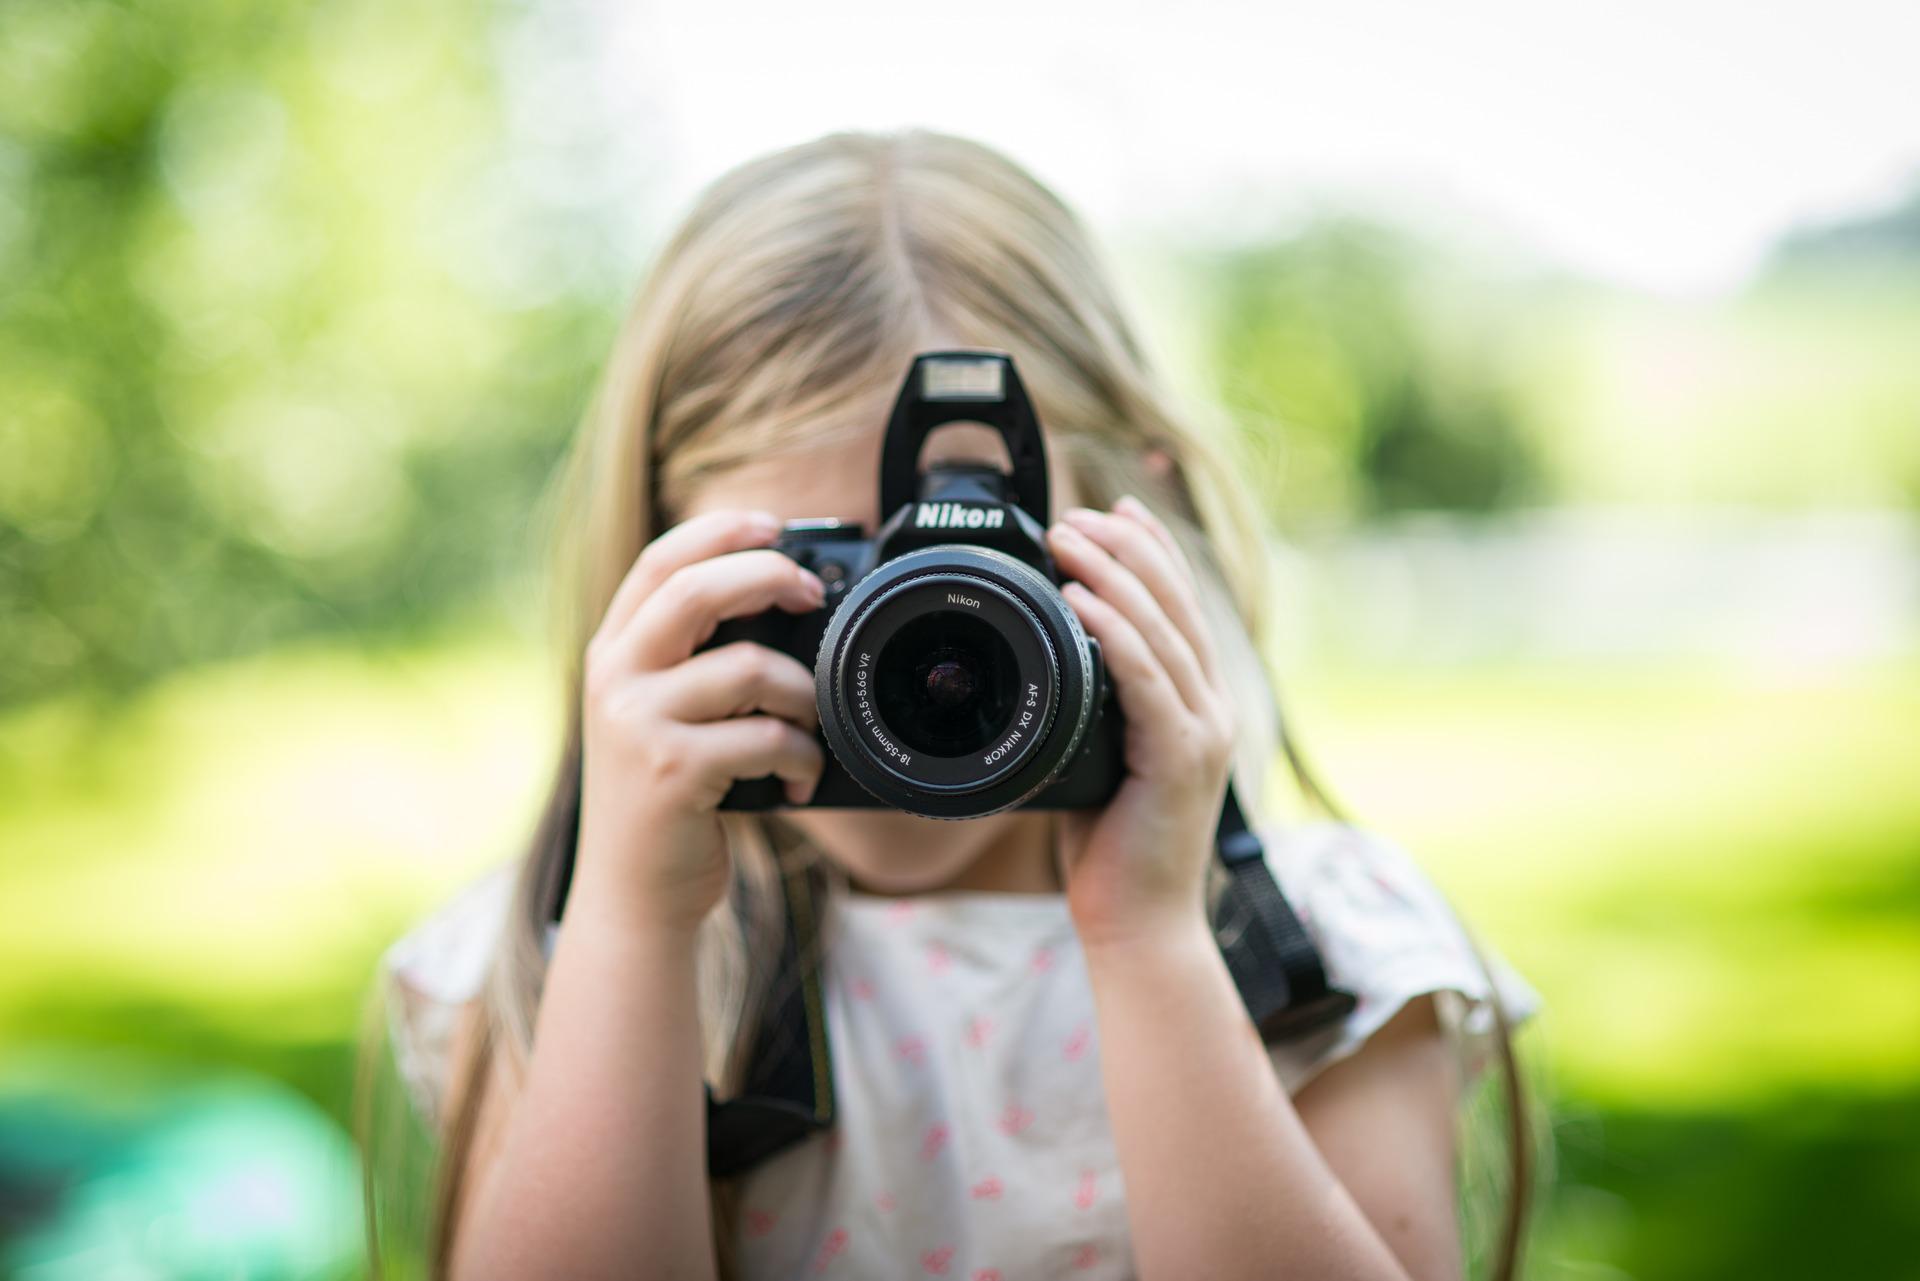 焦点距離とは?初心者のためのカメラ基礎知識